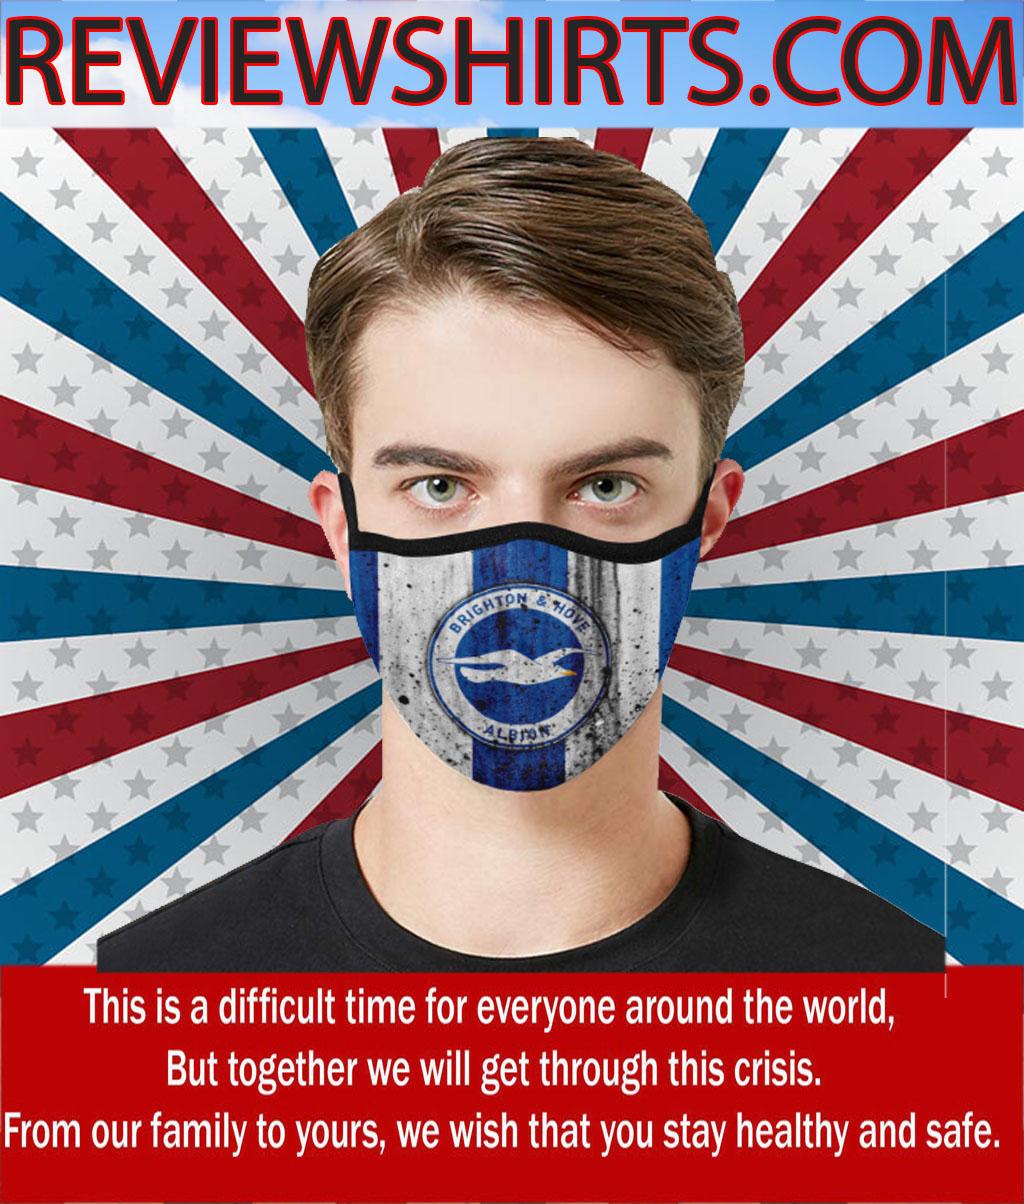 Brighton & Hove Albion FootBrighton & Hove Albion Football Club Cloth Face Maskball Club Cloth Face Mask